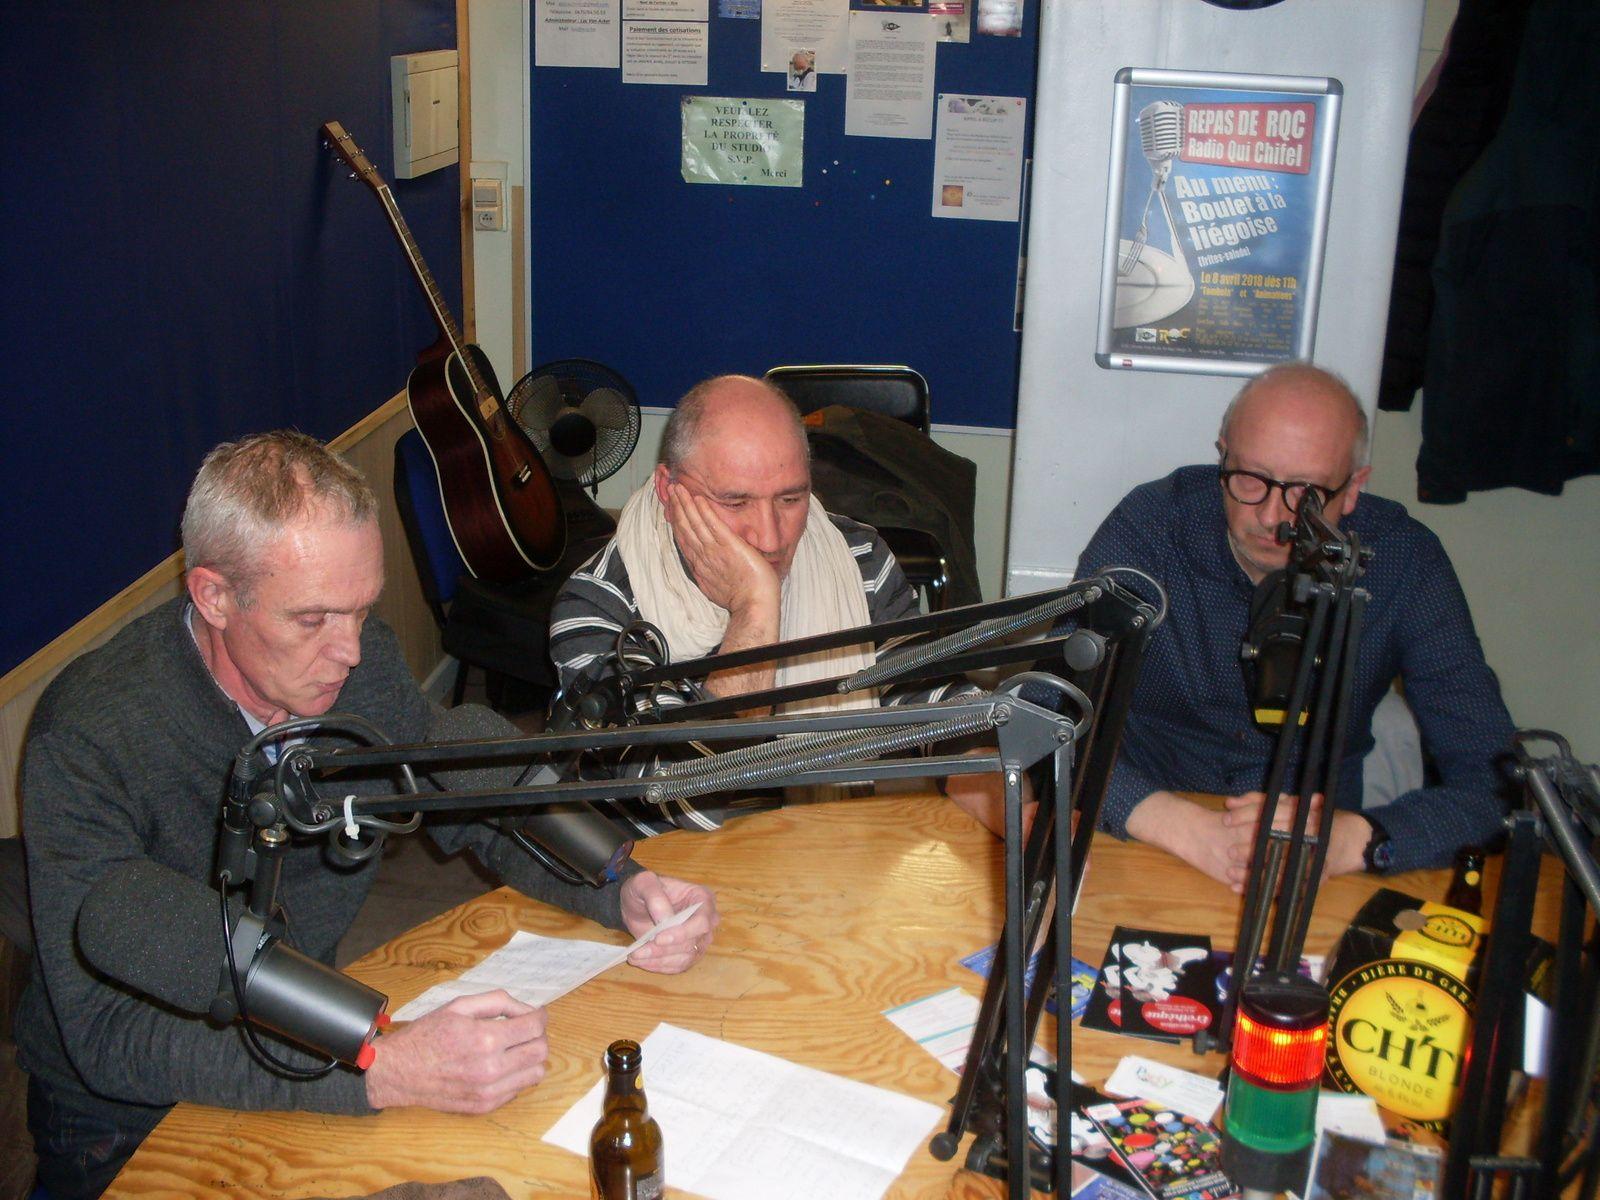 Marie et la fine équipe de Cambrai en studio à RQC, Mouscron (B)